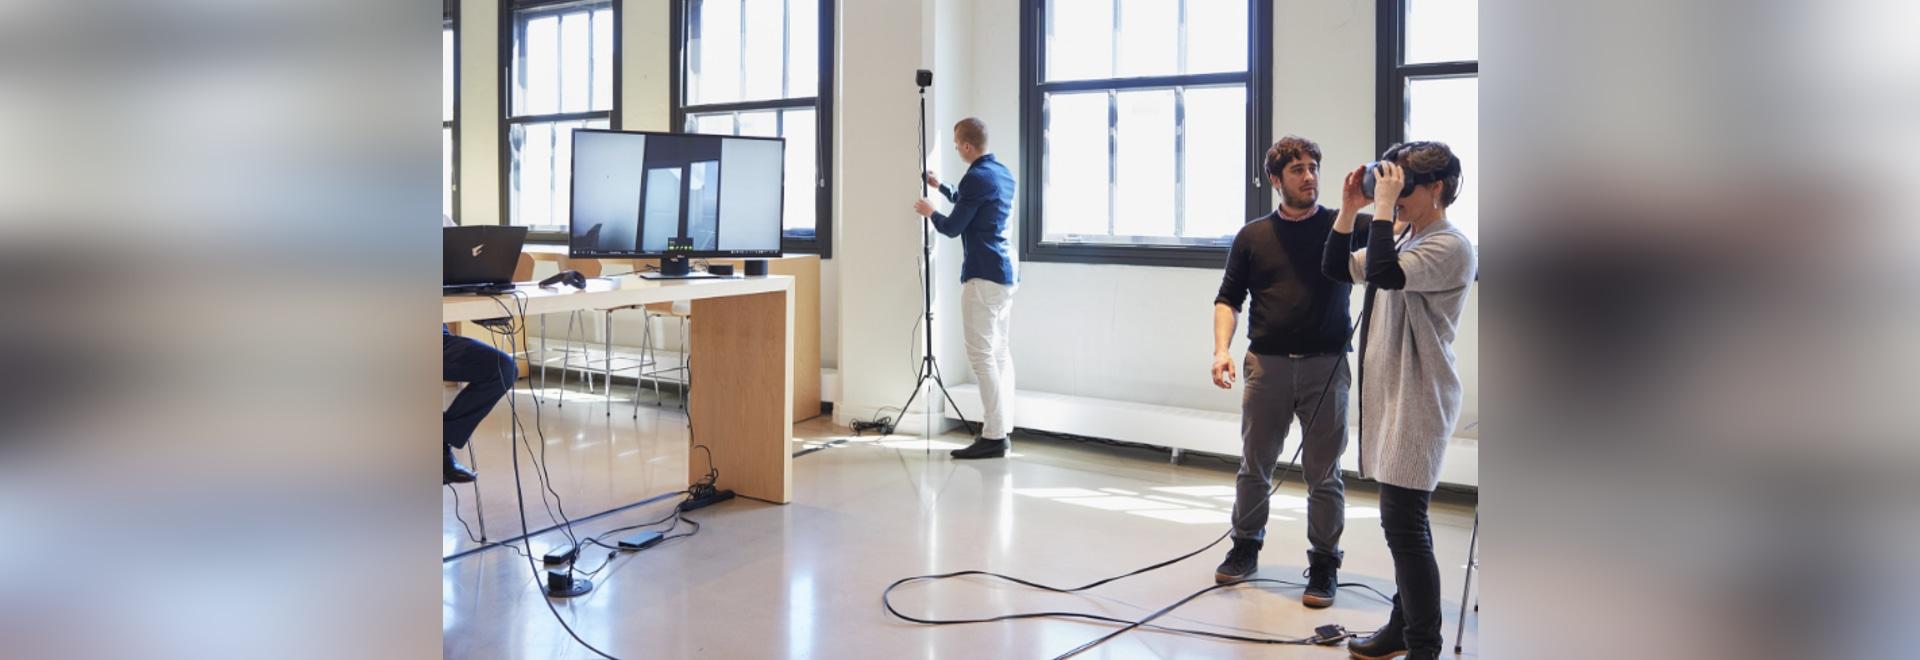 Aumento del planeamiento de la atención sanitaria con realidad virtual